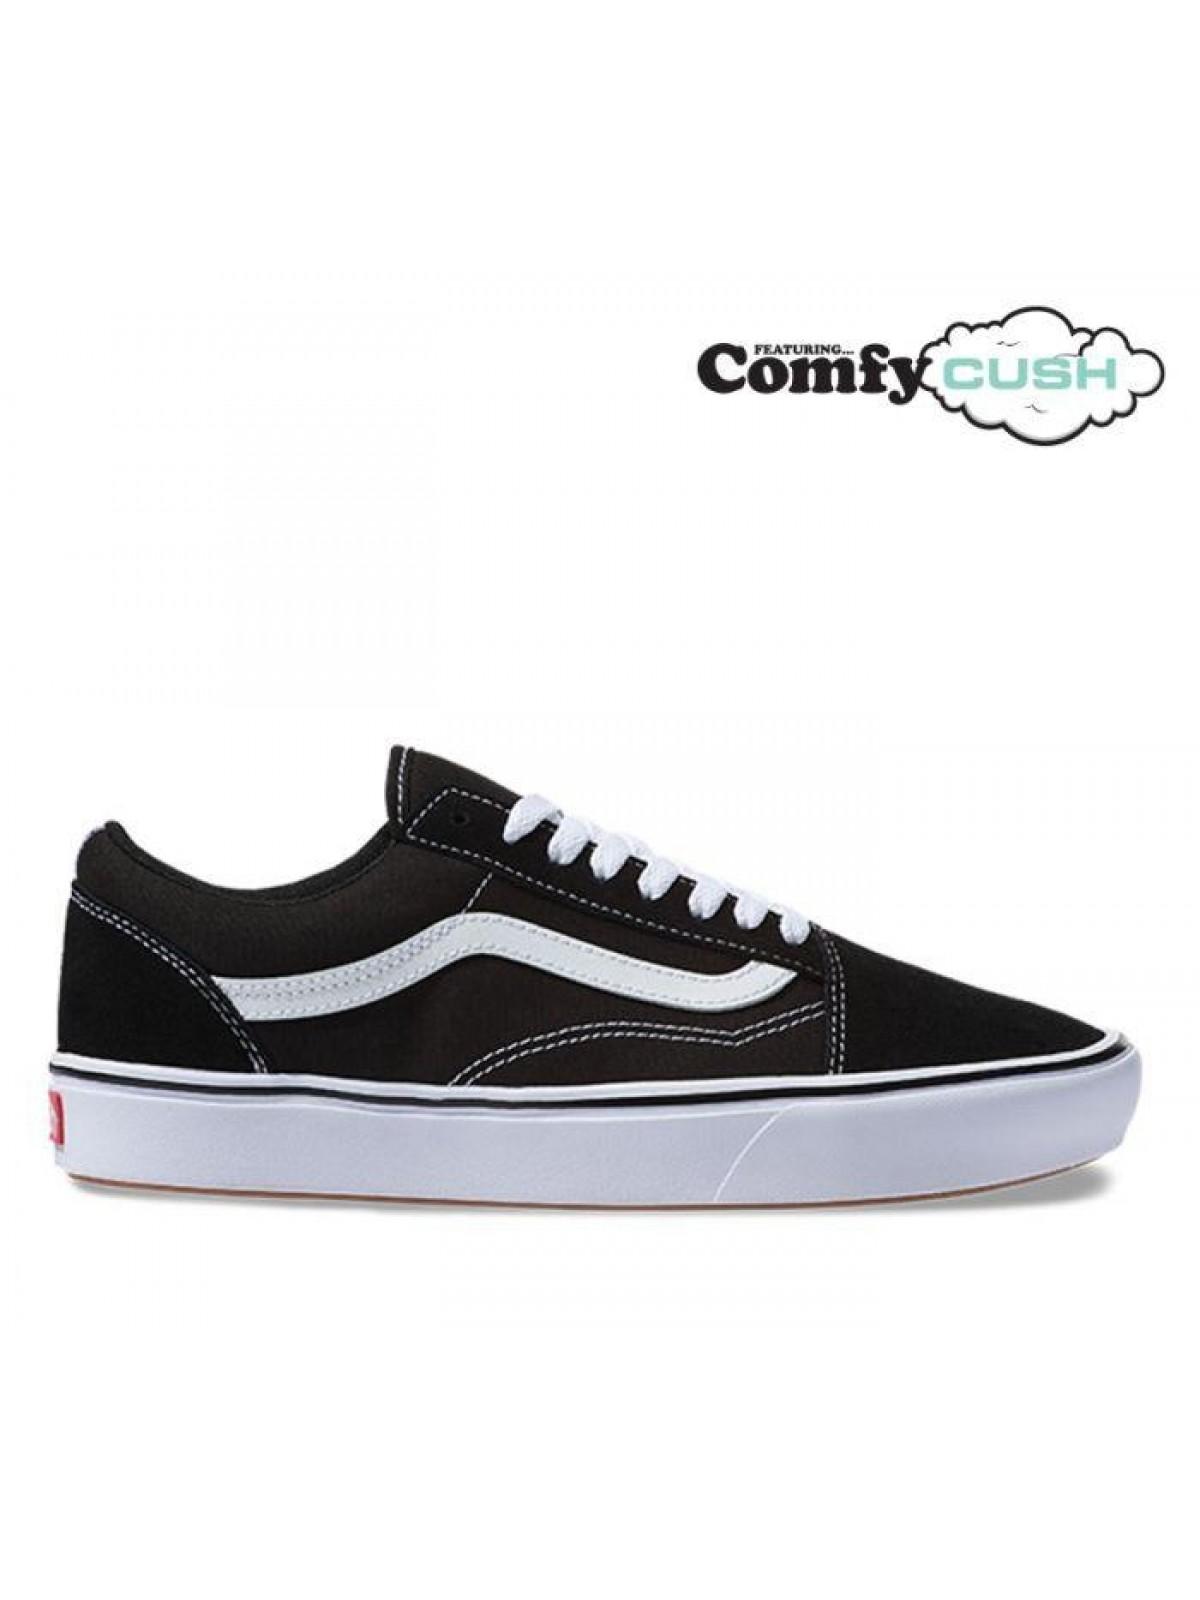 Vans Old Skool Comfy Cush noir / blanc ( modèle léger )